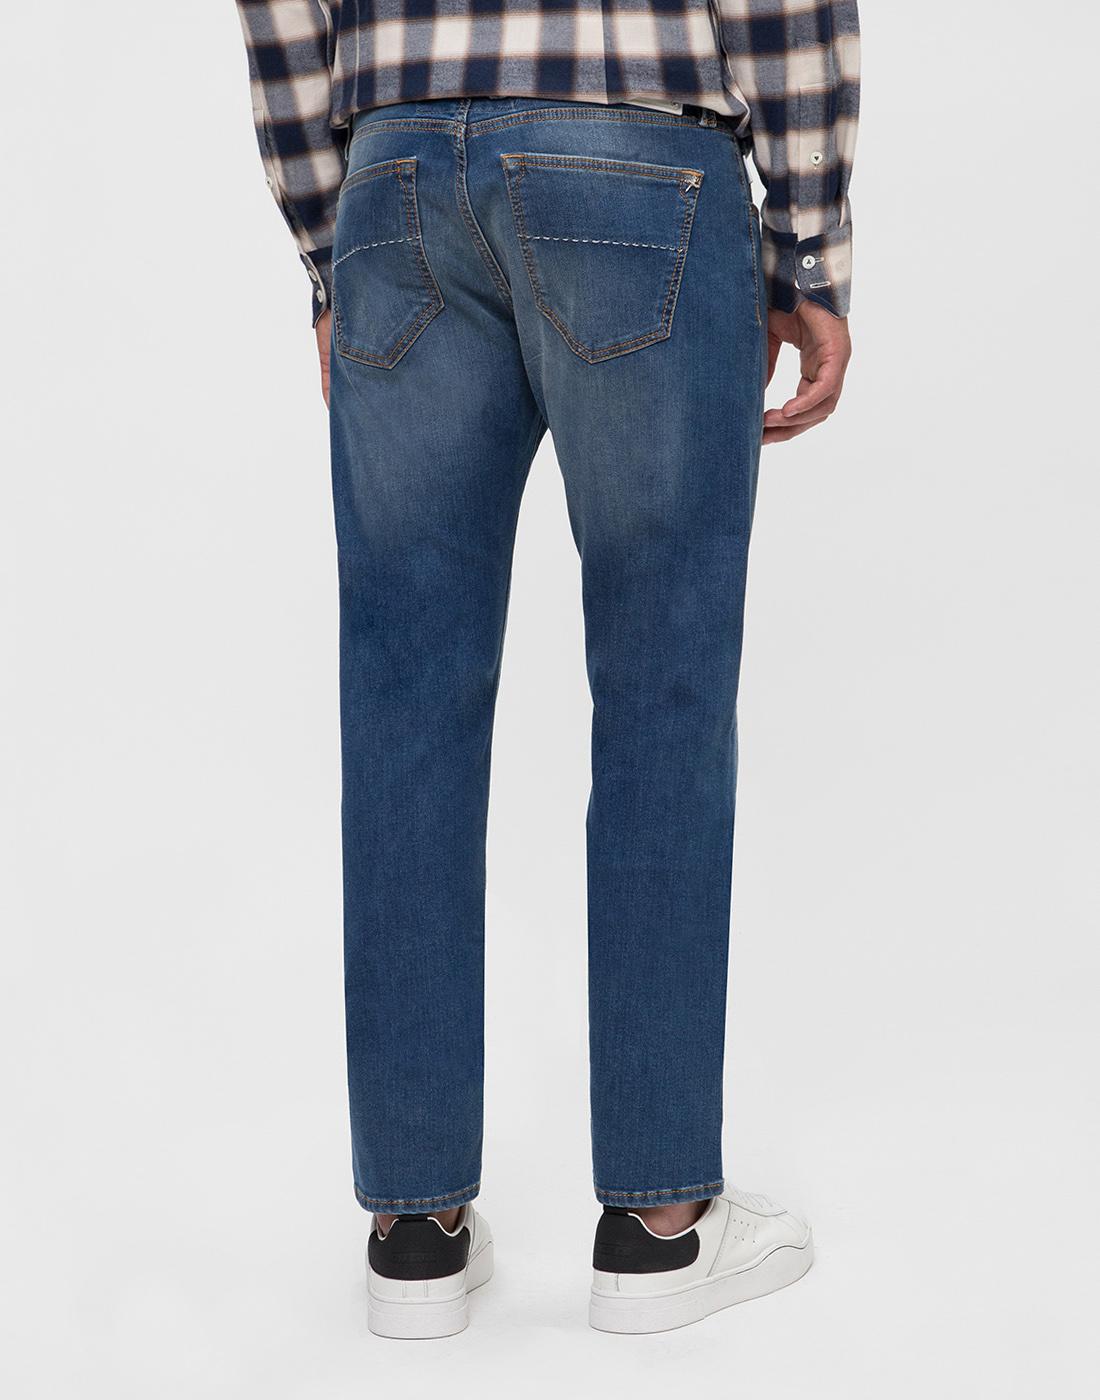 Мужские синие джинсы Tramarossa SD389-4